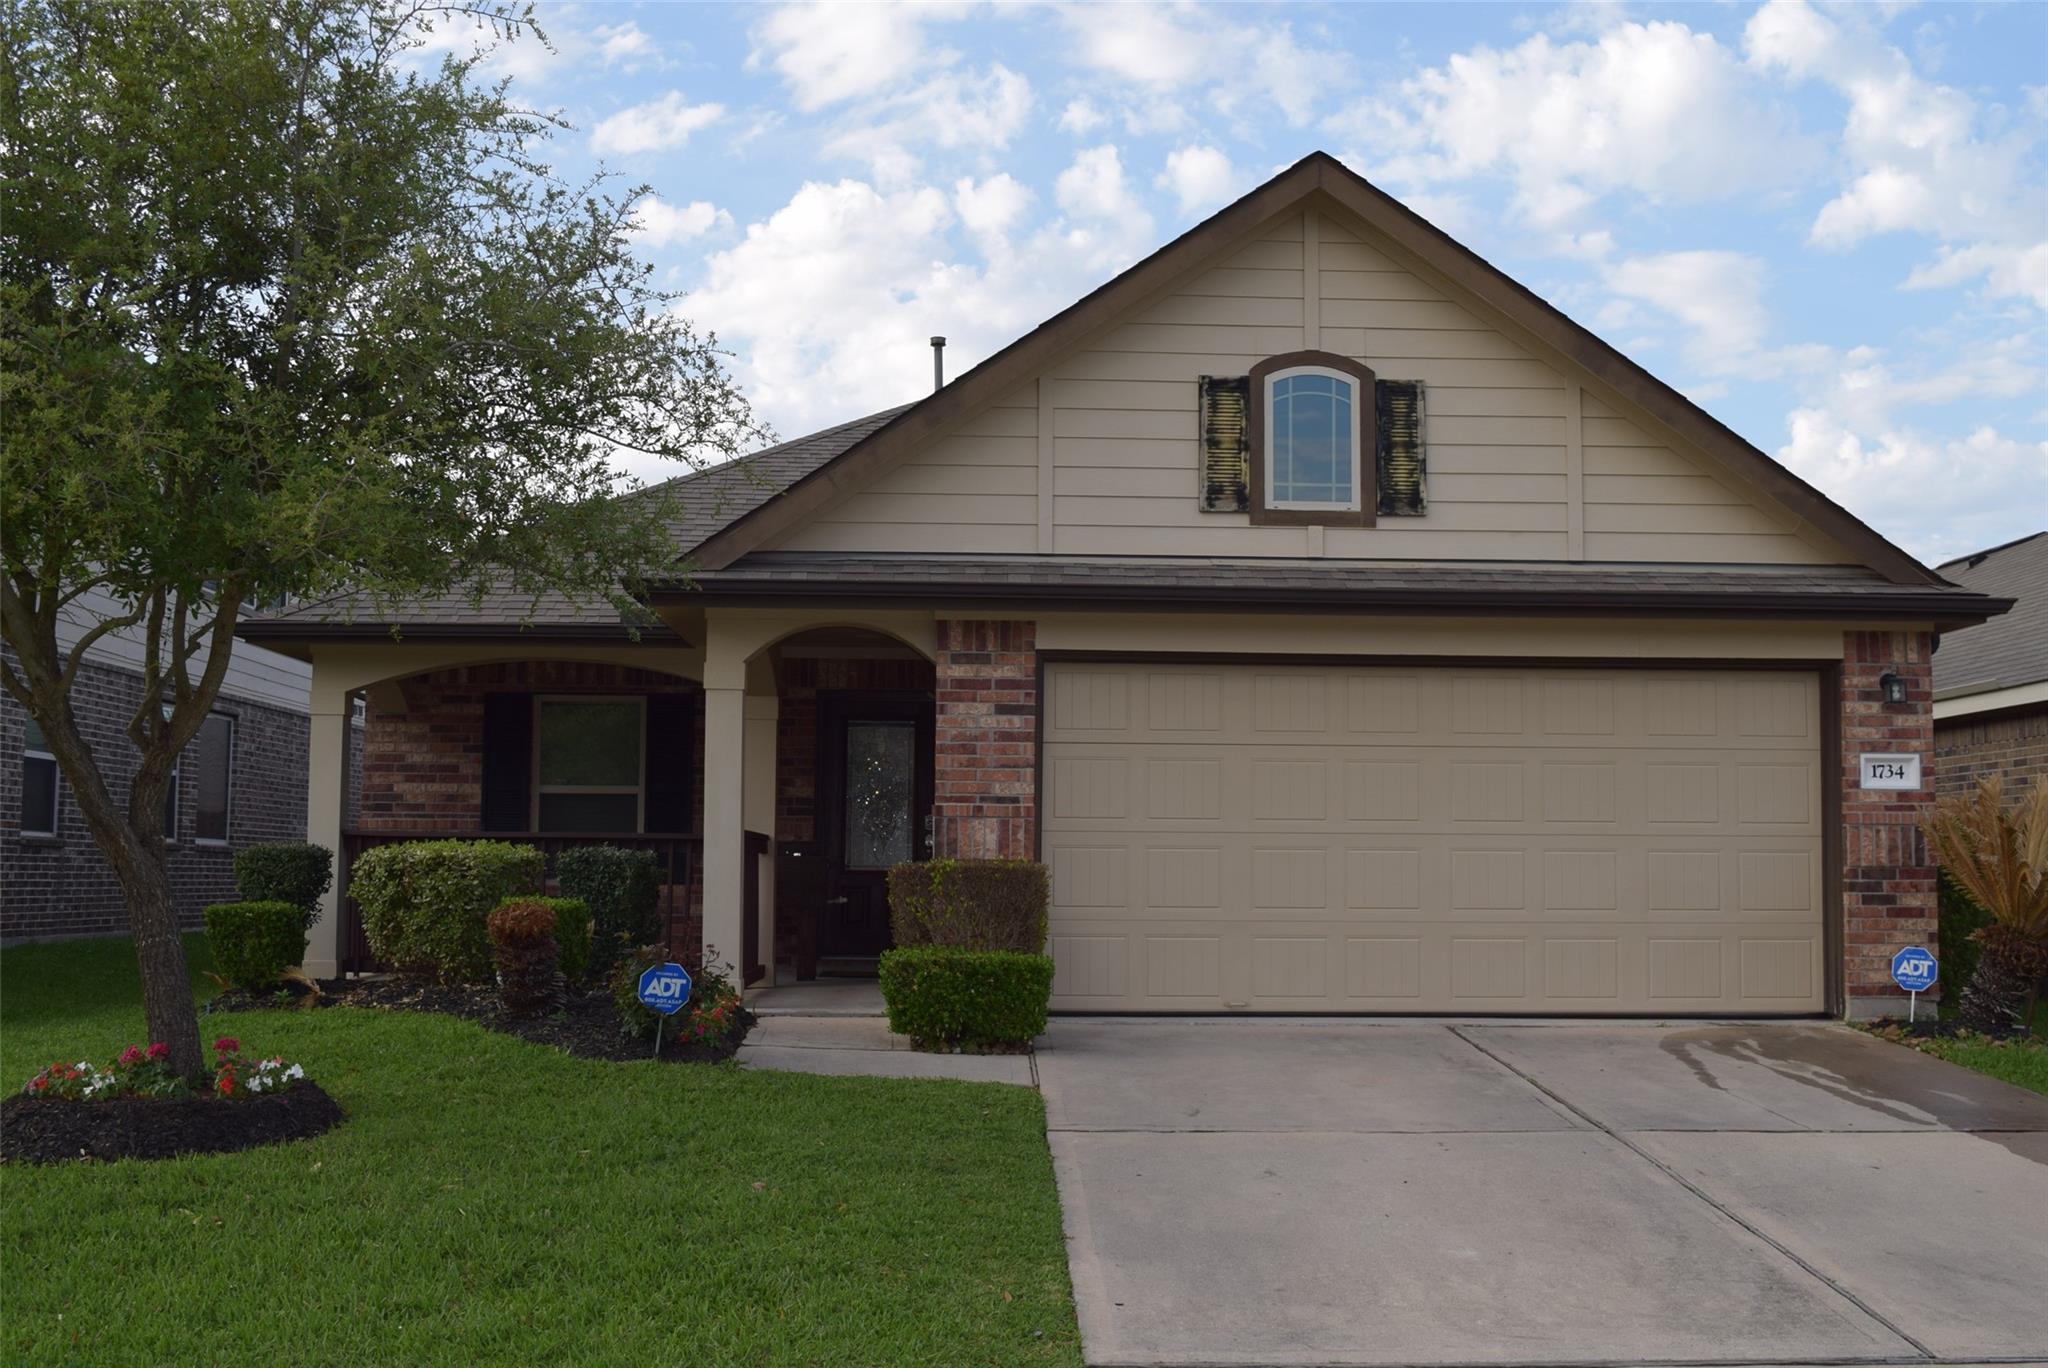 1734 Kilmory Court Property Photo - Houston, TX real estate listing